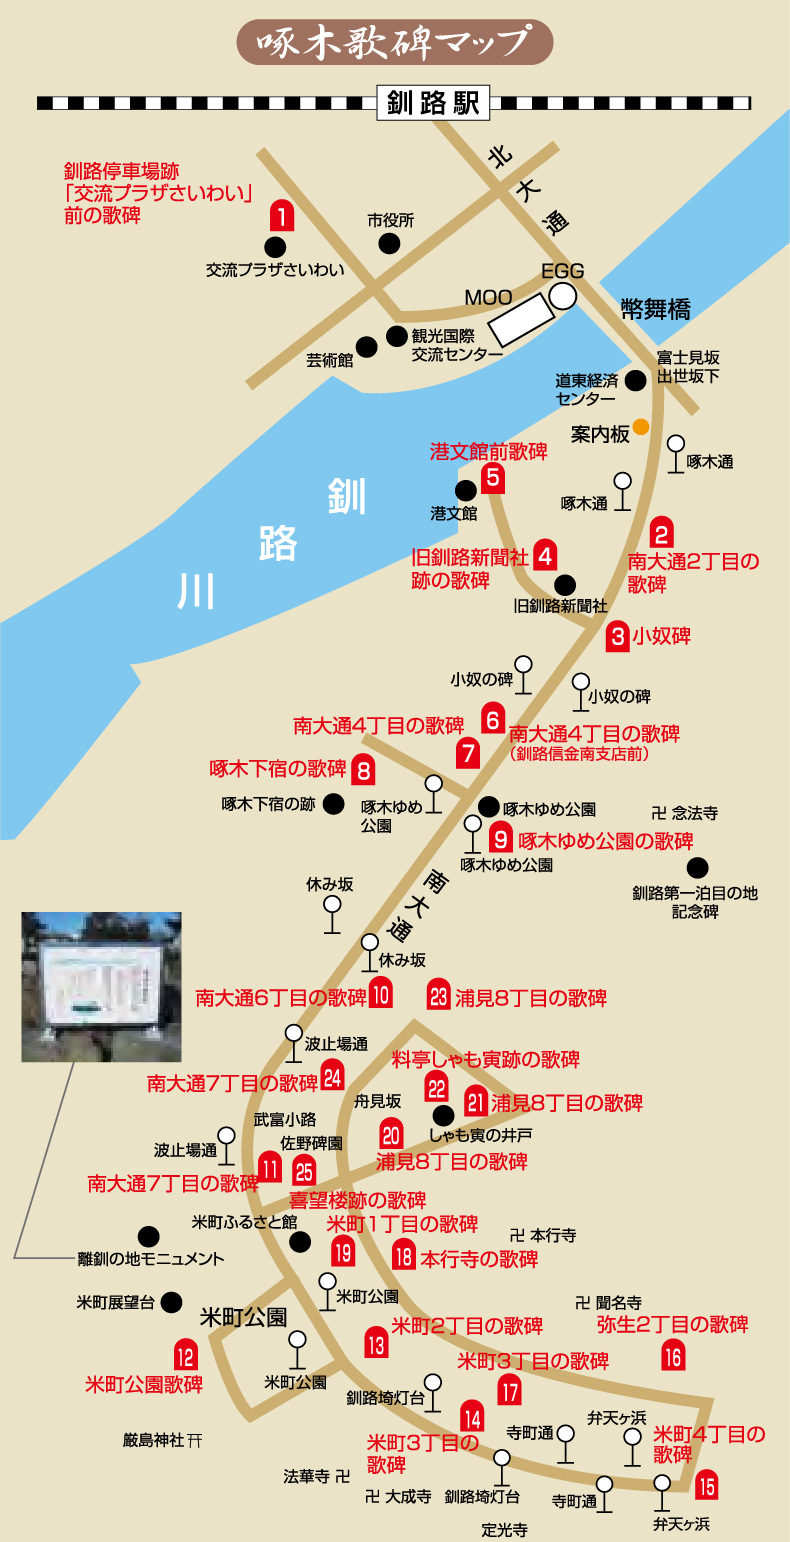 啄木歌碑マップ